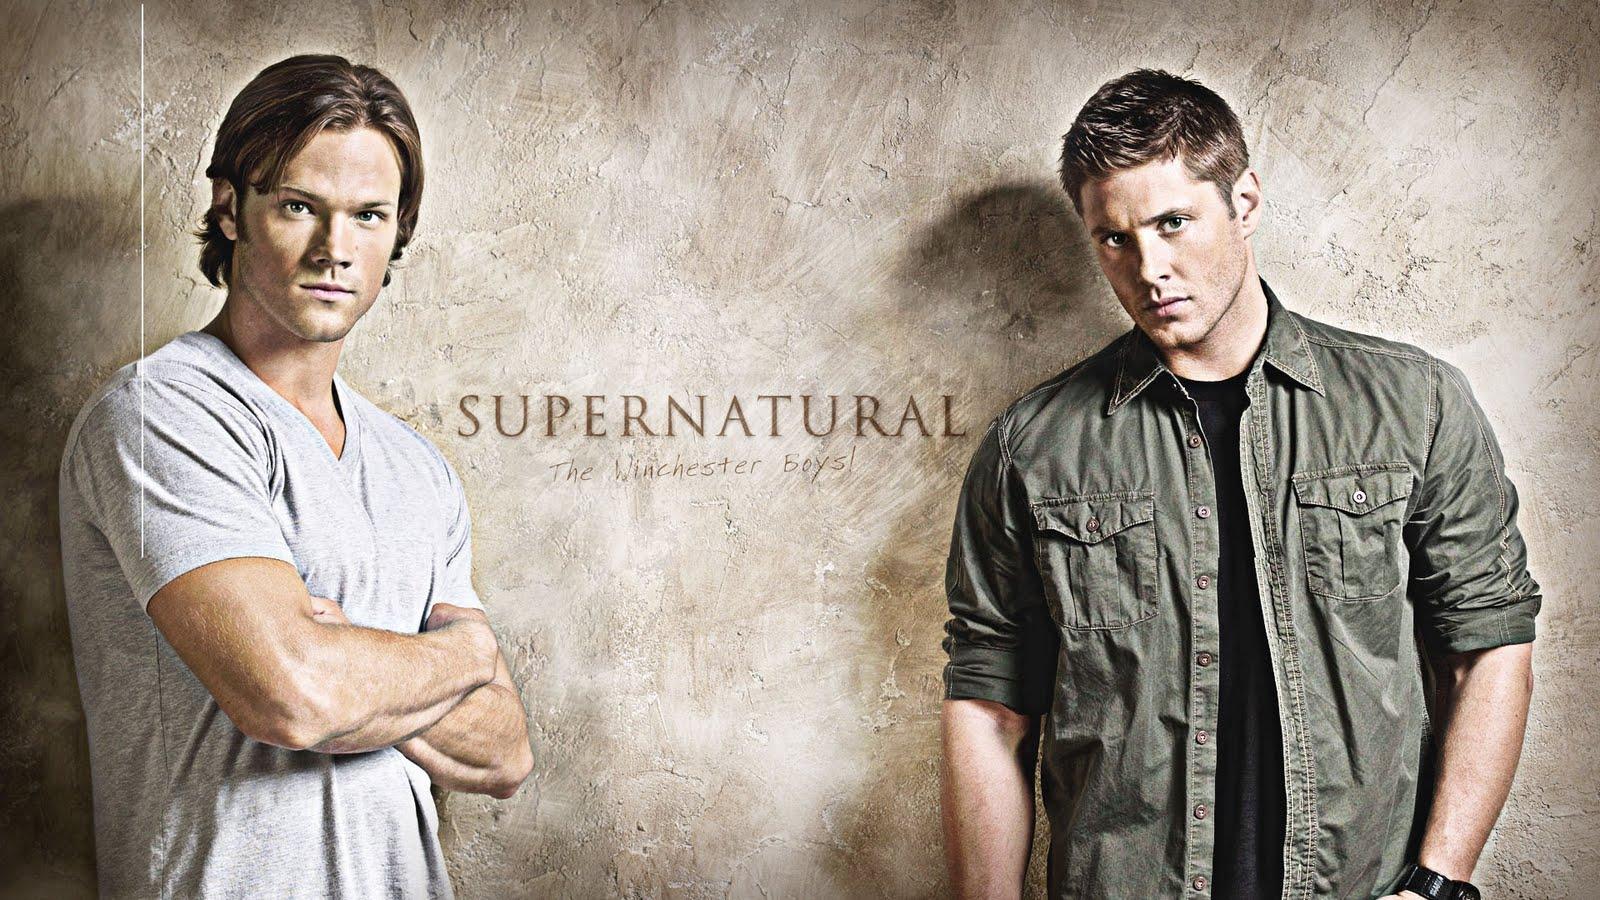 http://1.bp.blogspot.com/-eV7l0A2kTAo/TcqzwyedcyI/AAAAAAAAACs/lOaADK0EJJs/s1600/Winchester-Boys-HD-supernatural-5256380-1920-1080.jpg